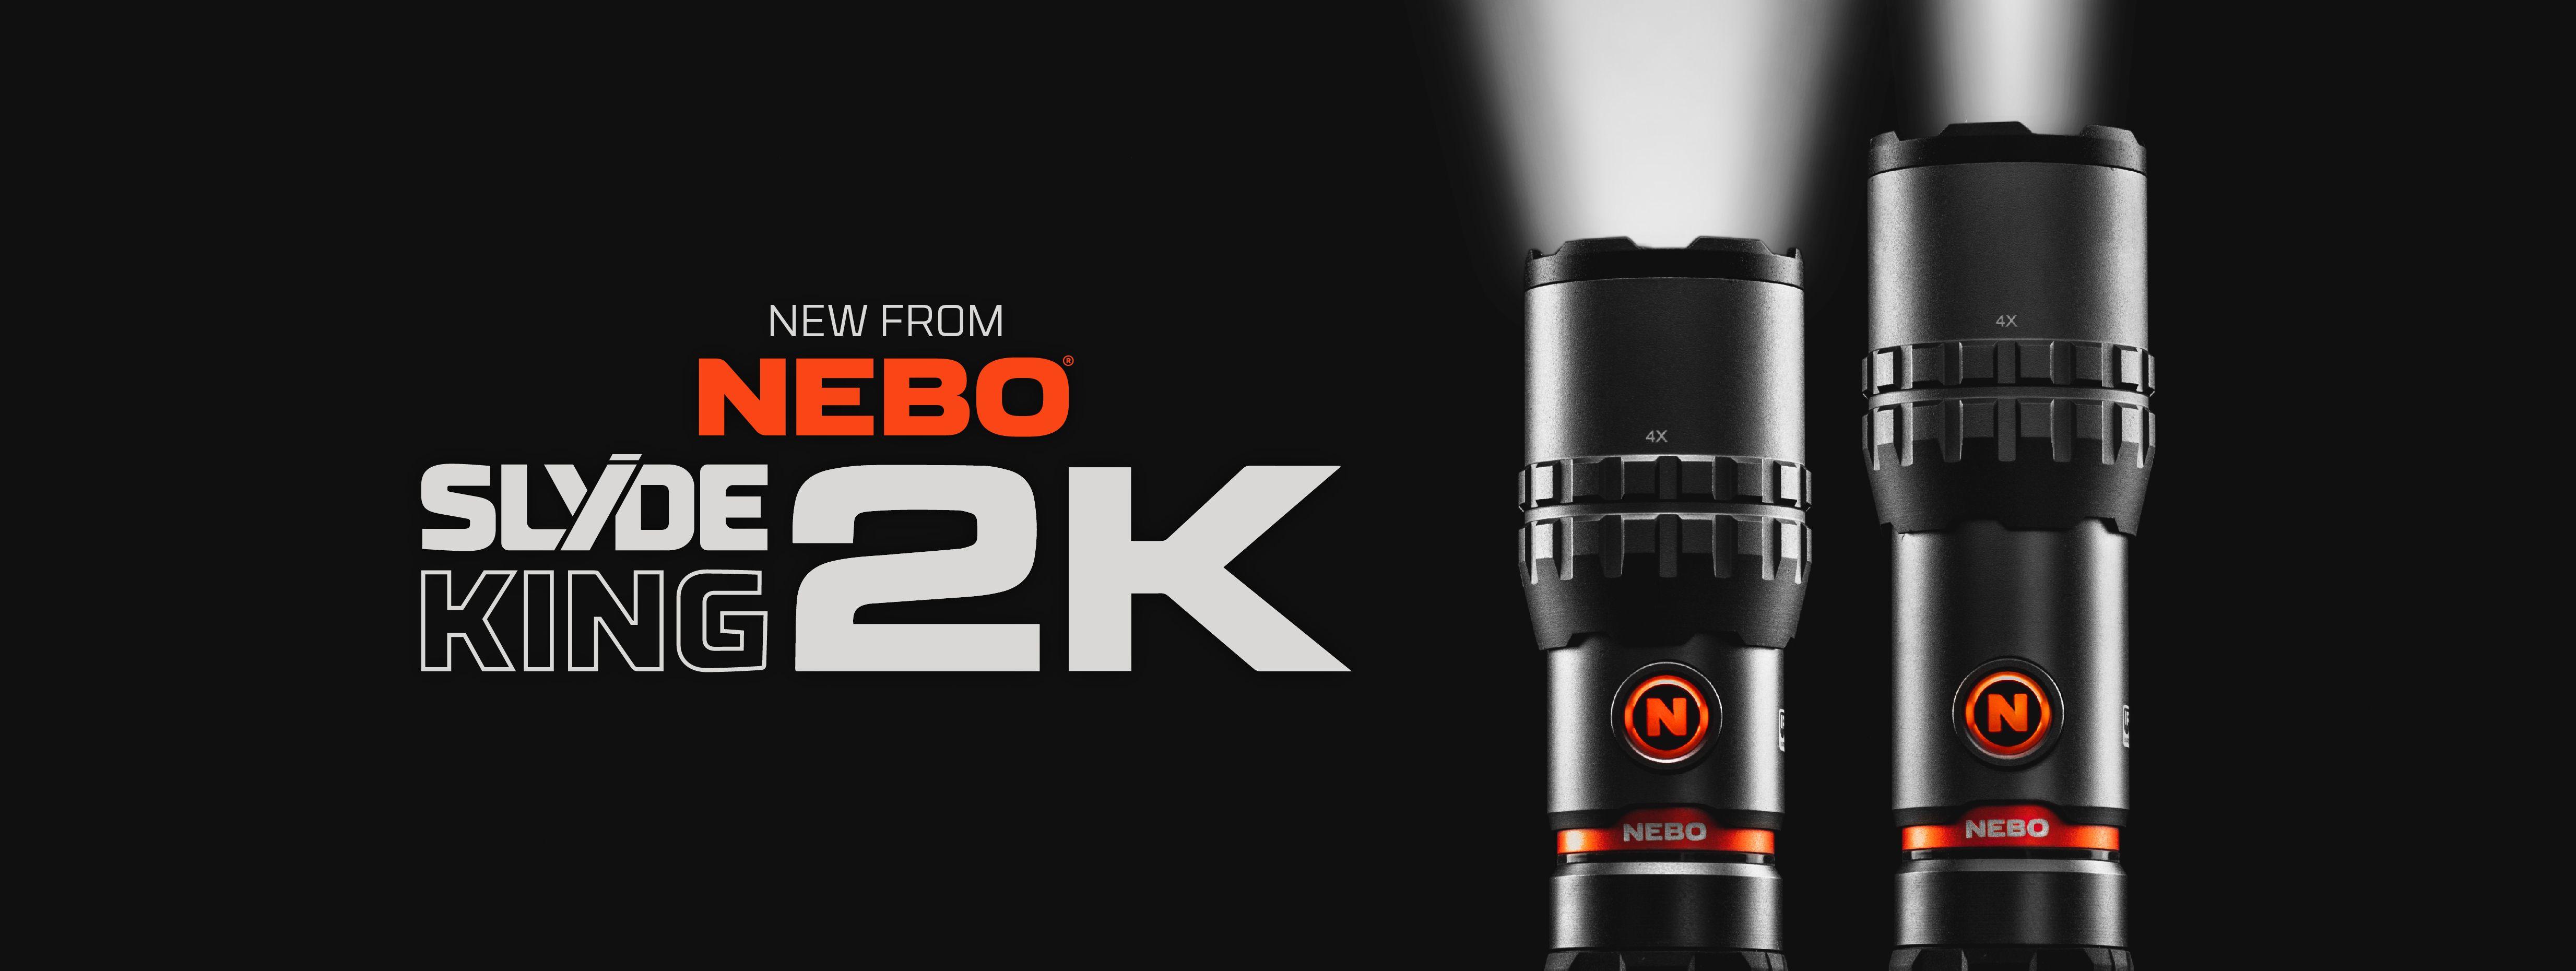 SLYDE KING 2K - Rechargeable 2,000 Lumen Flashlight & 500 Lumen Work Light